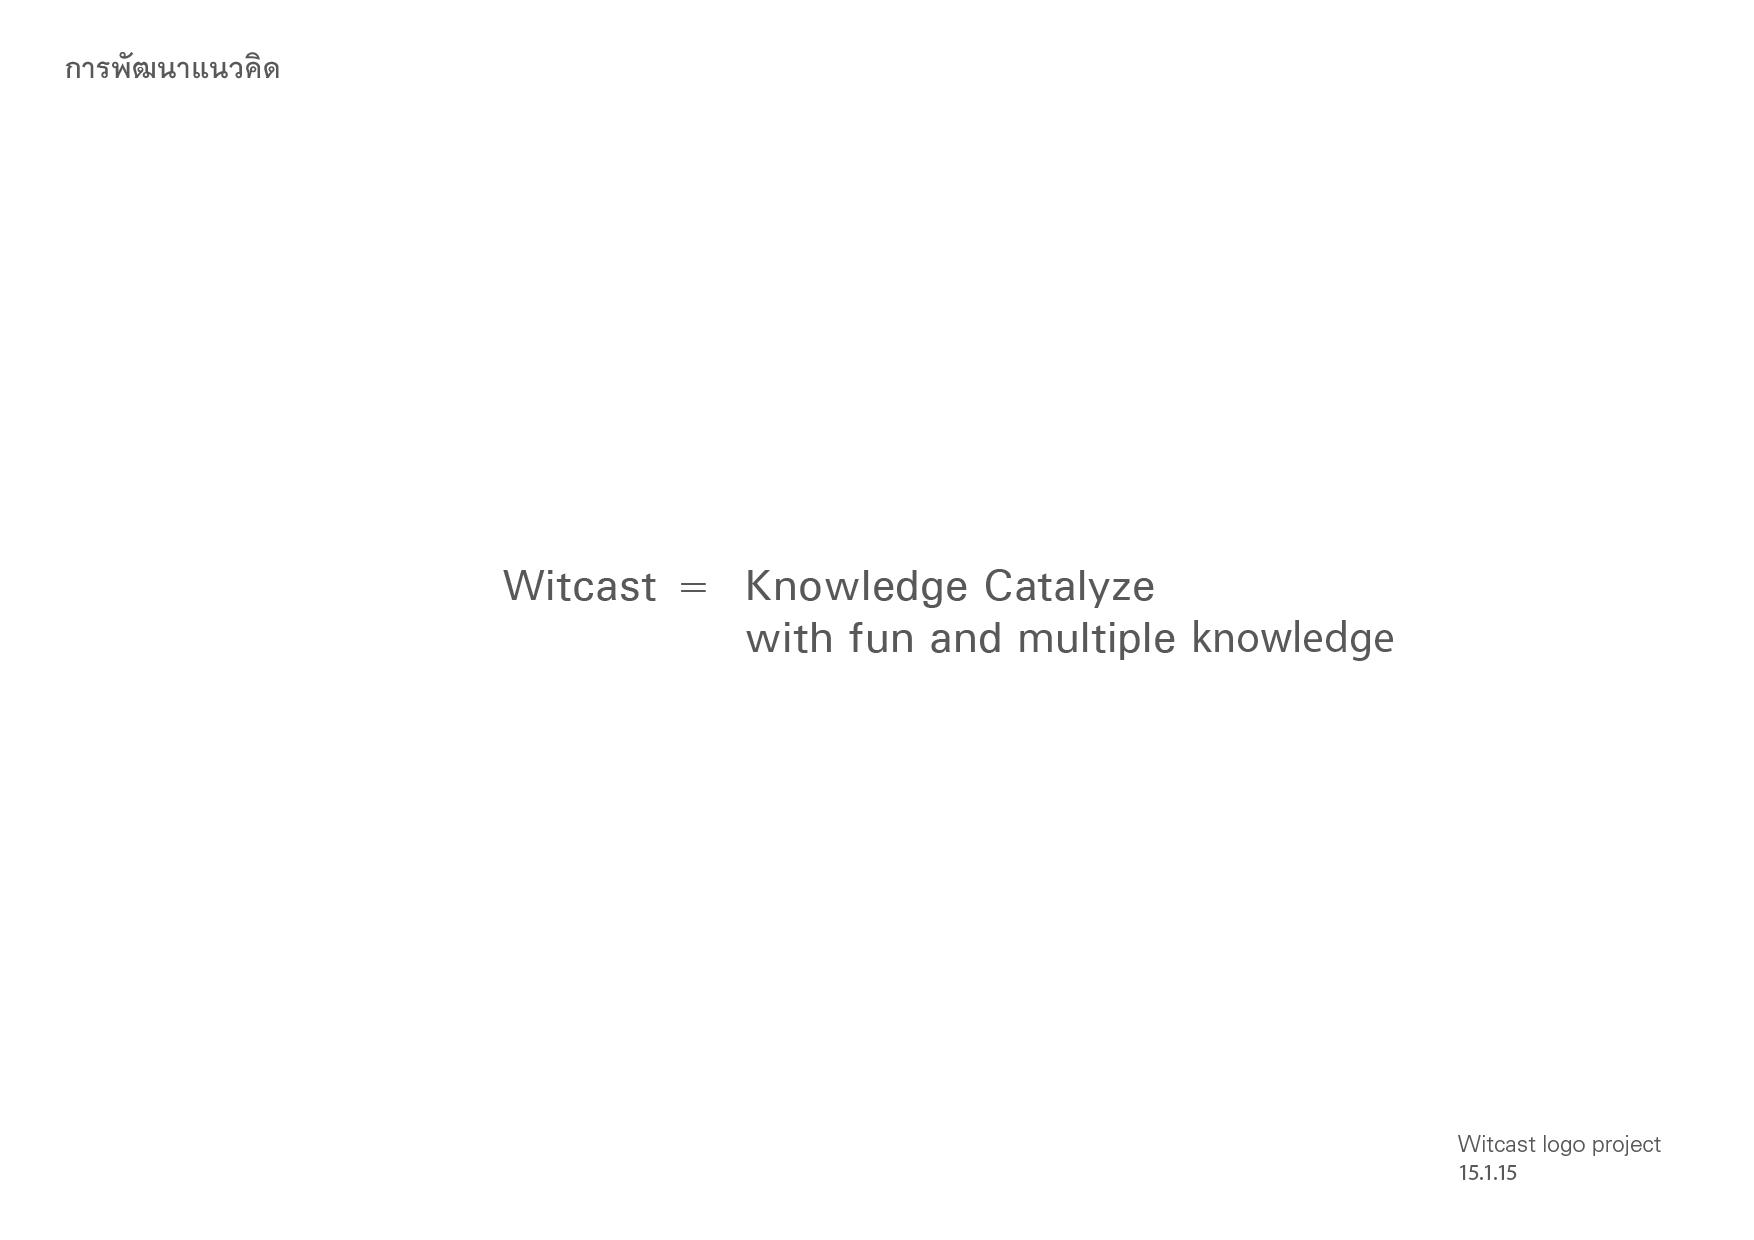 witcast2-03